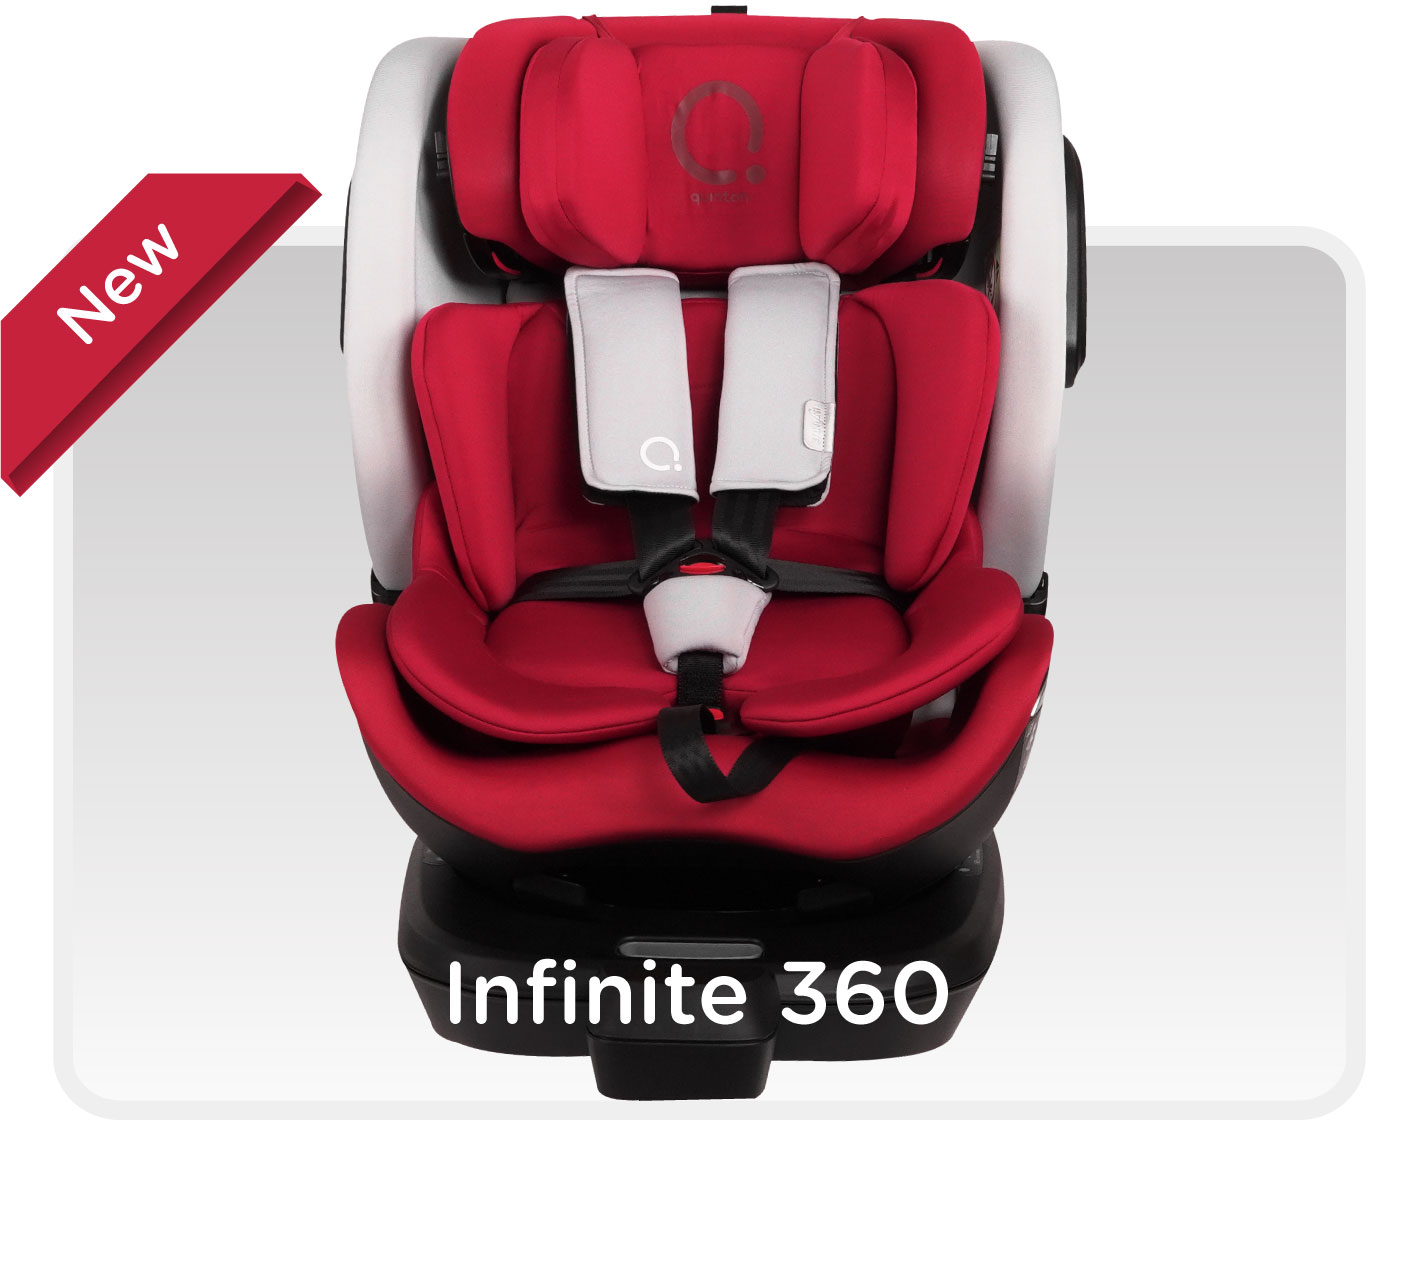 Quinton Infinite 360